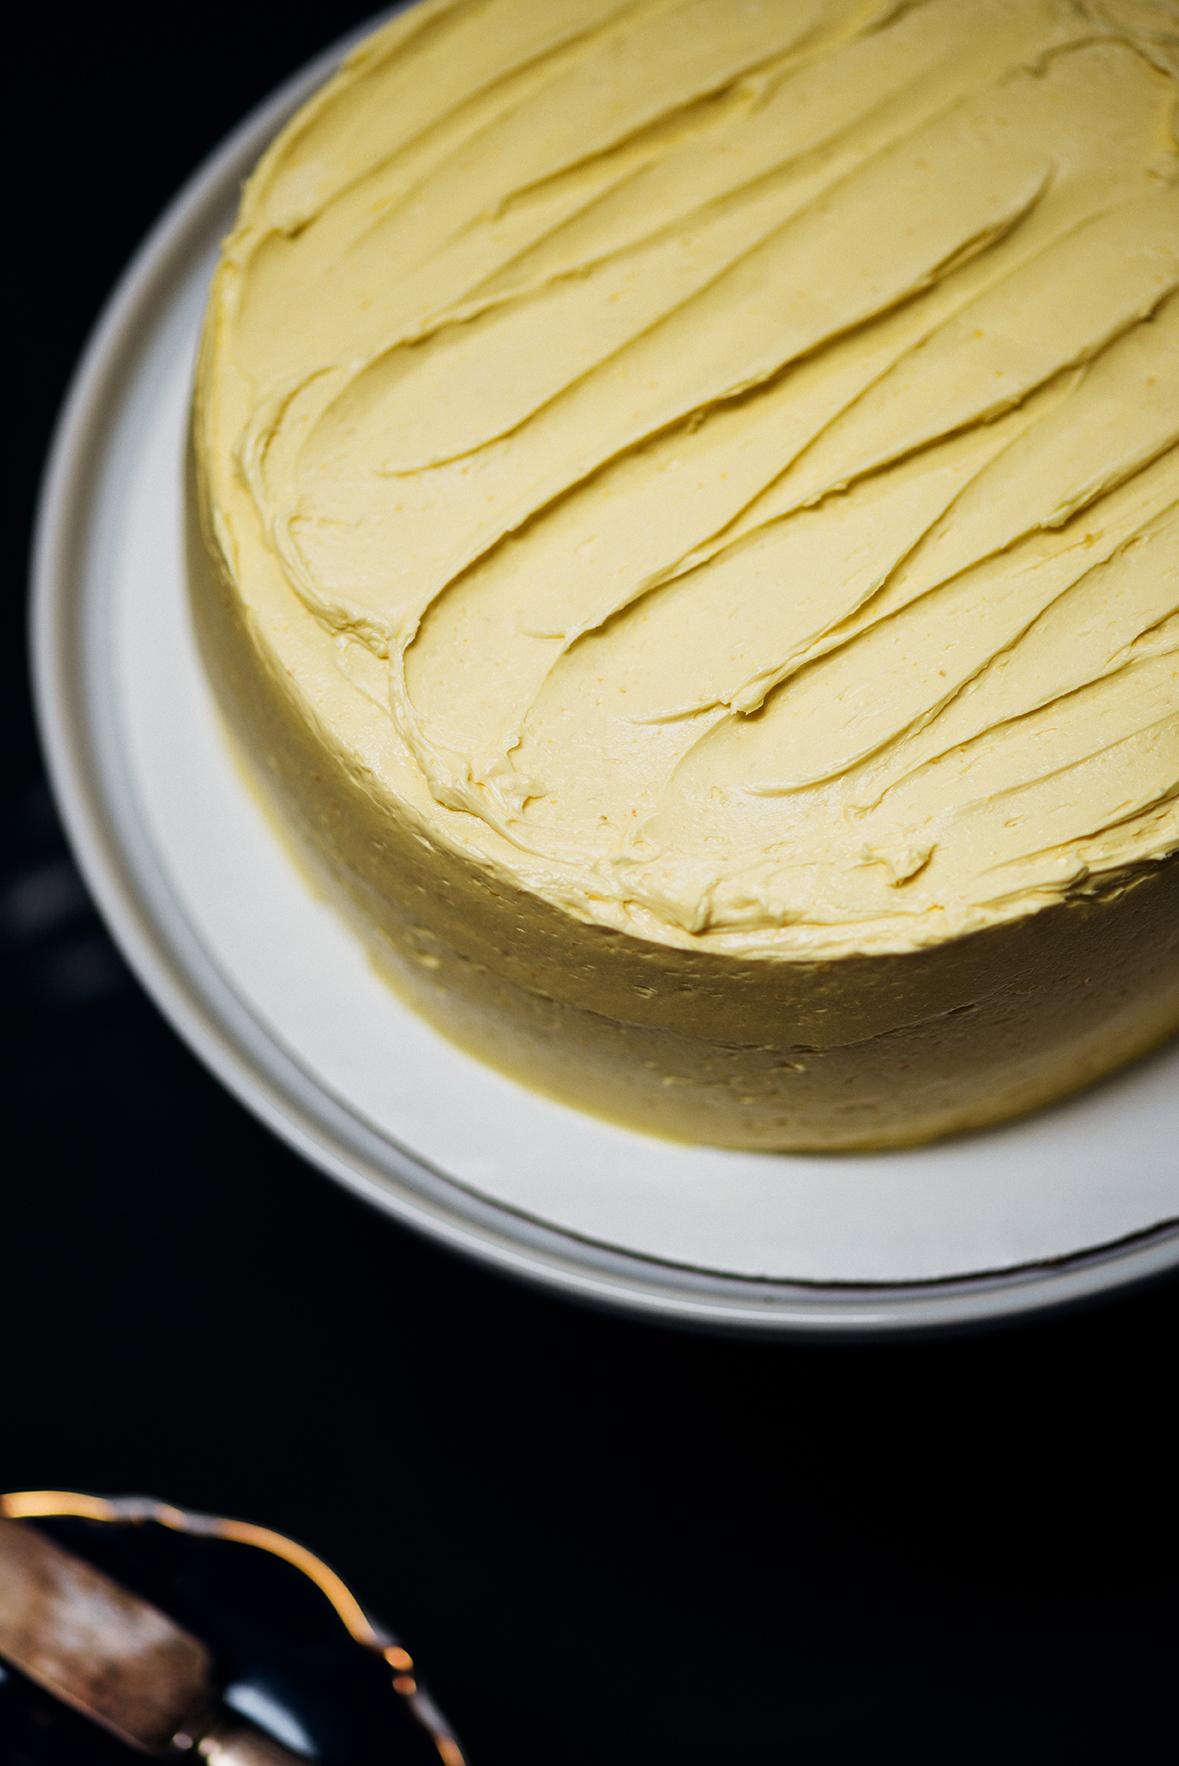 summer mango celebration cake|Nik Sharma for @SFChronicle